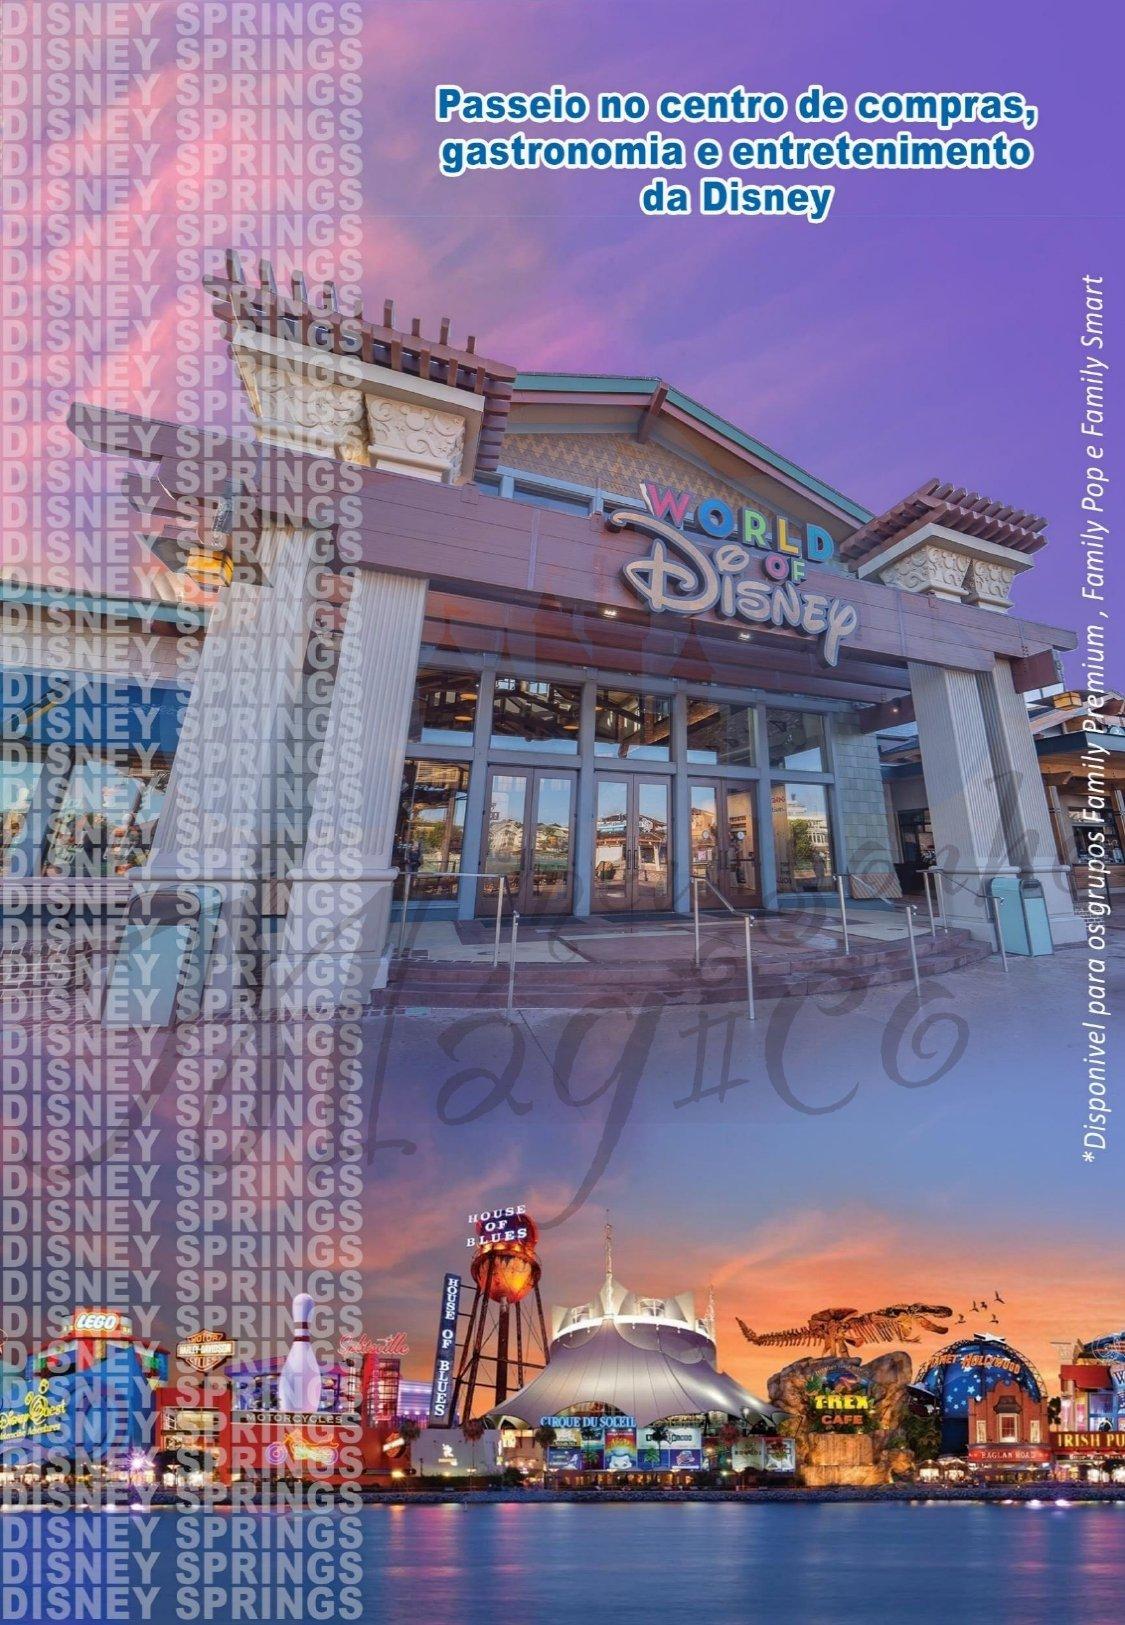 Grupo Family Verão - Disney Julho 2022 10